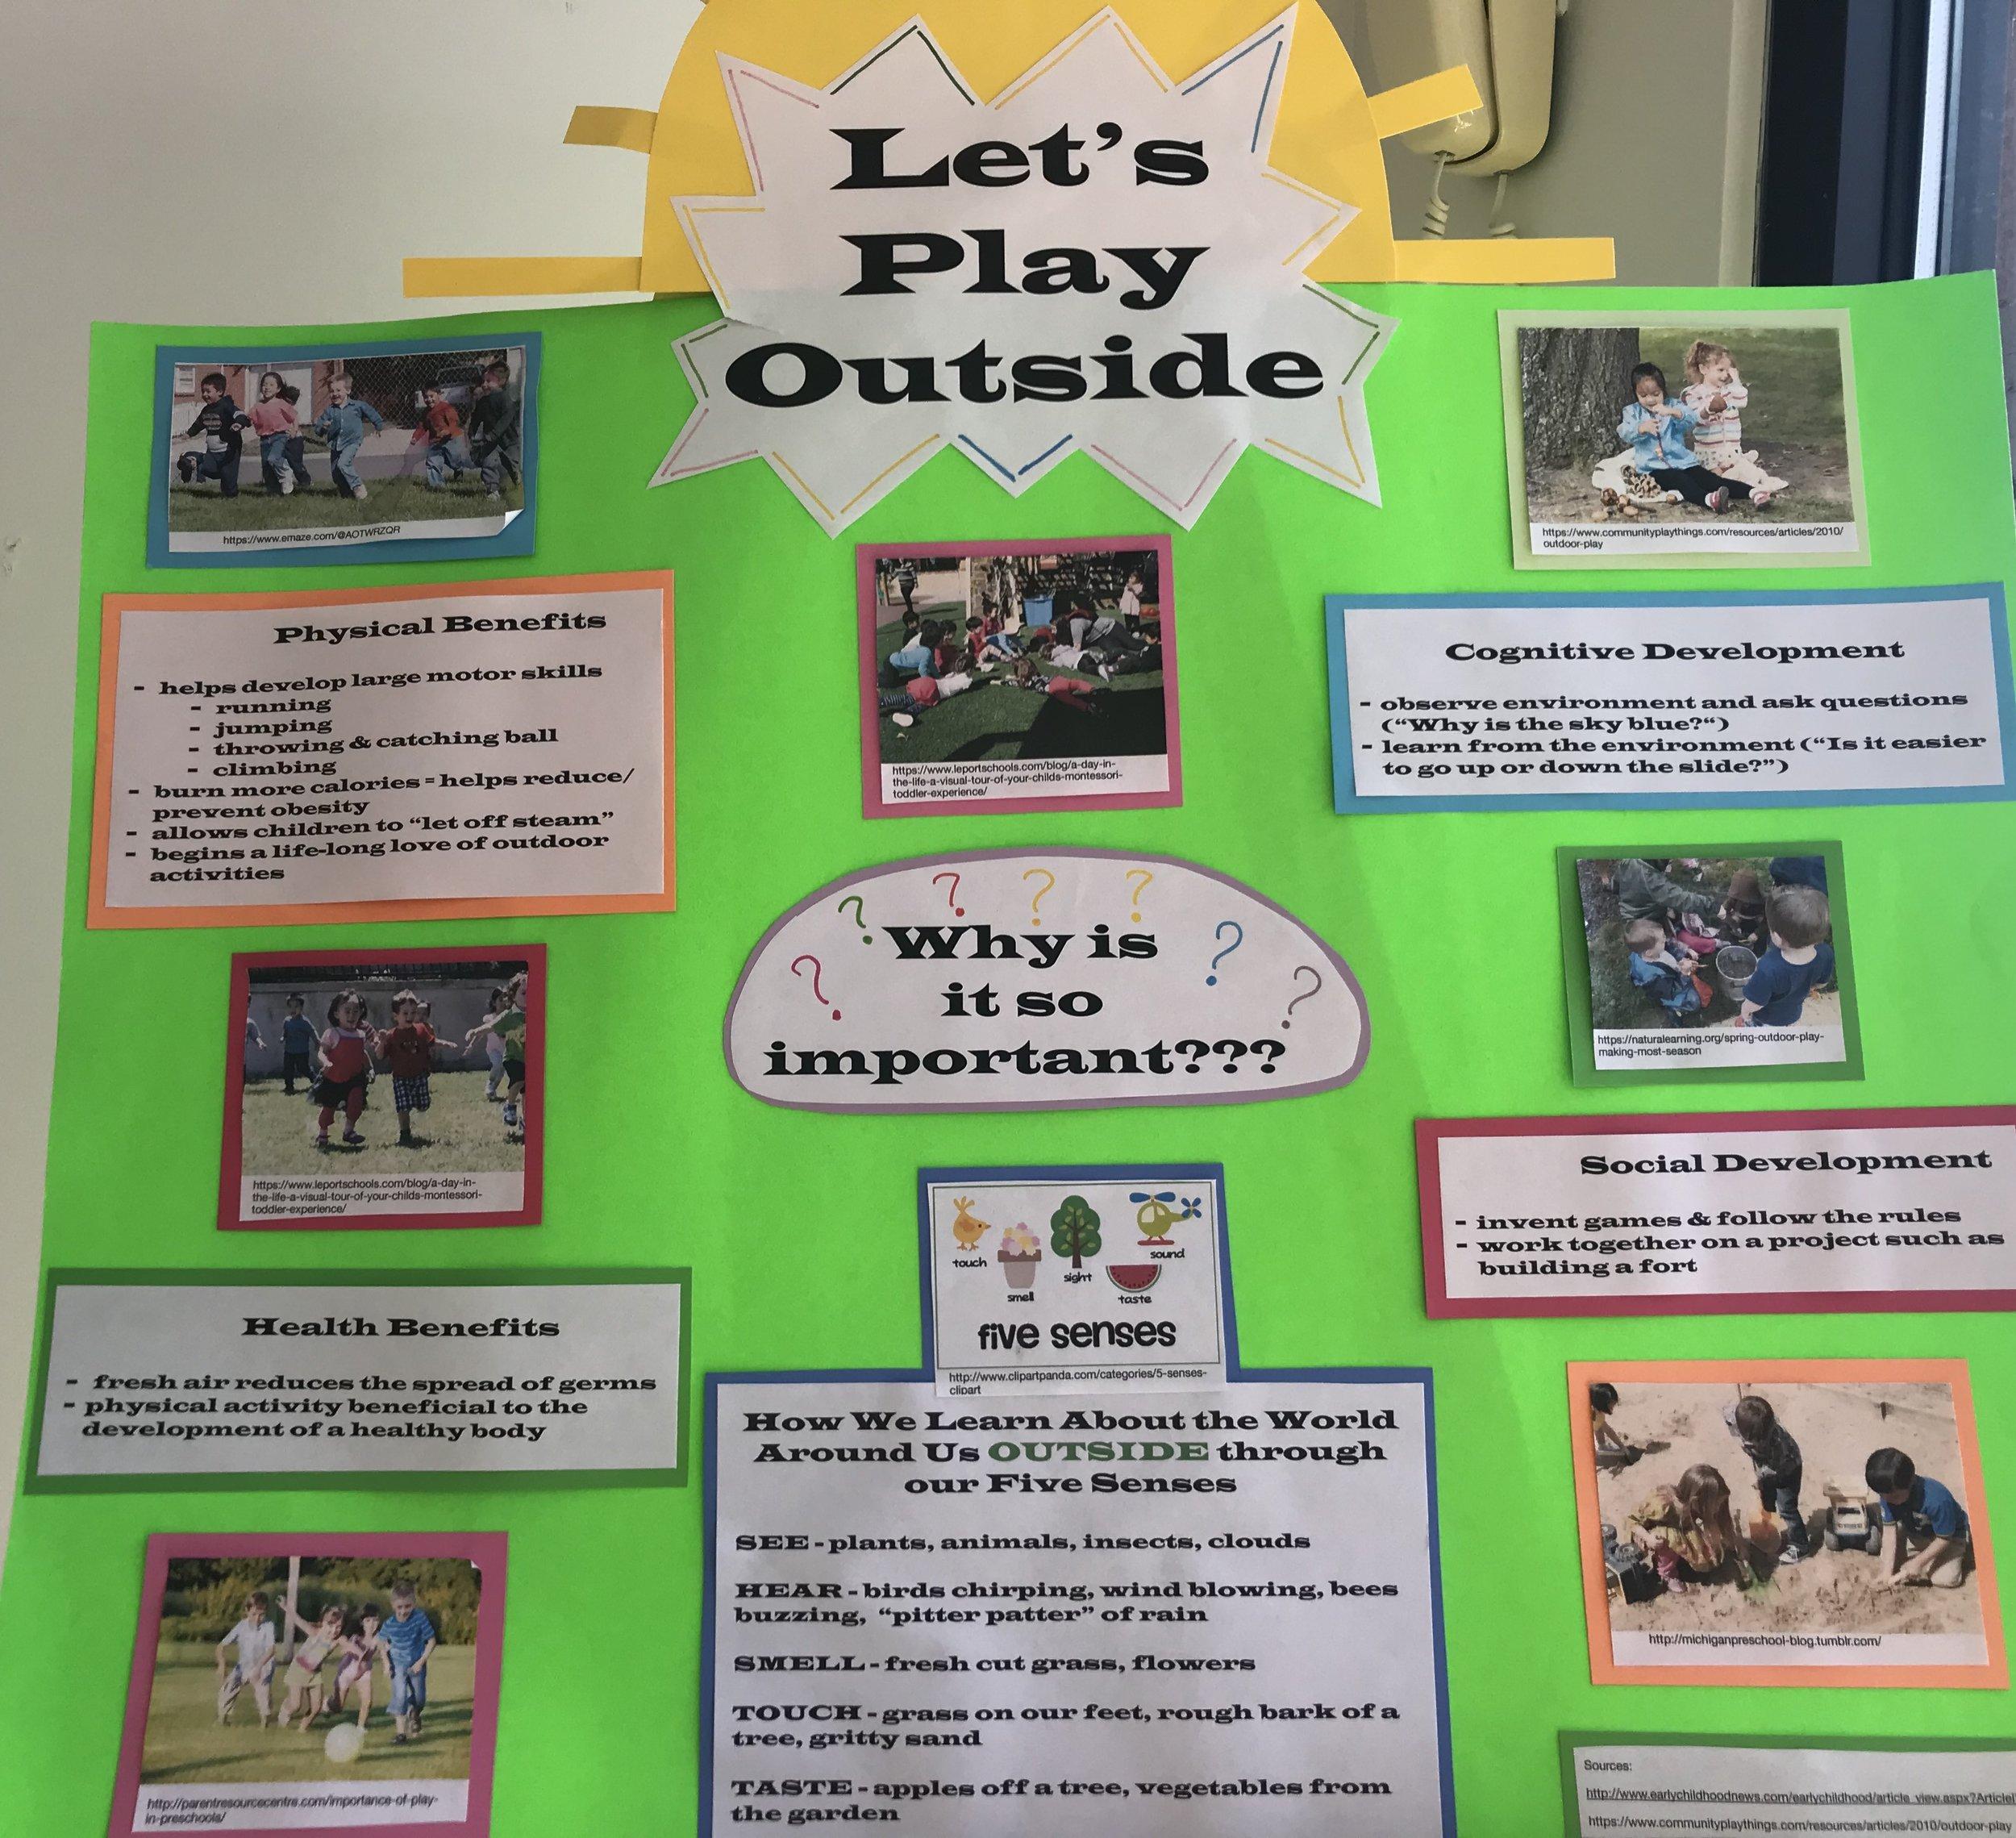 Play Outside Poster.jpg